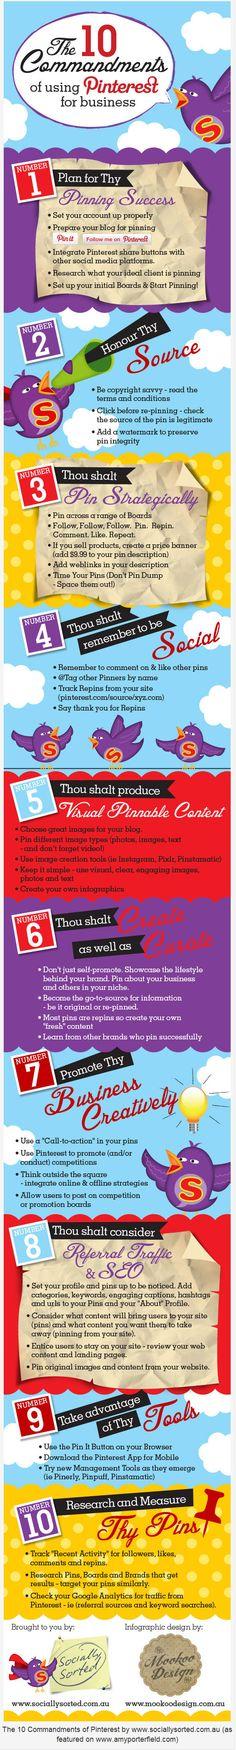 10 Pinterest Commandments